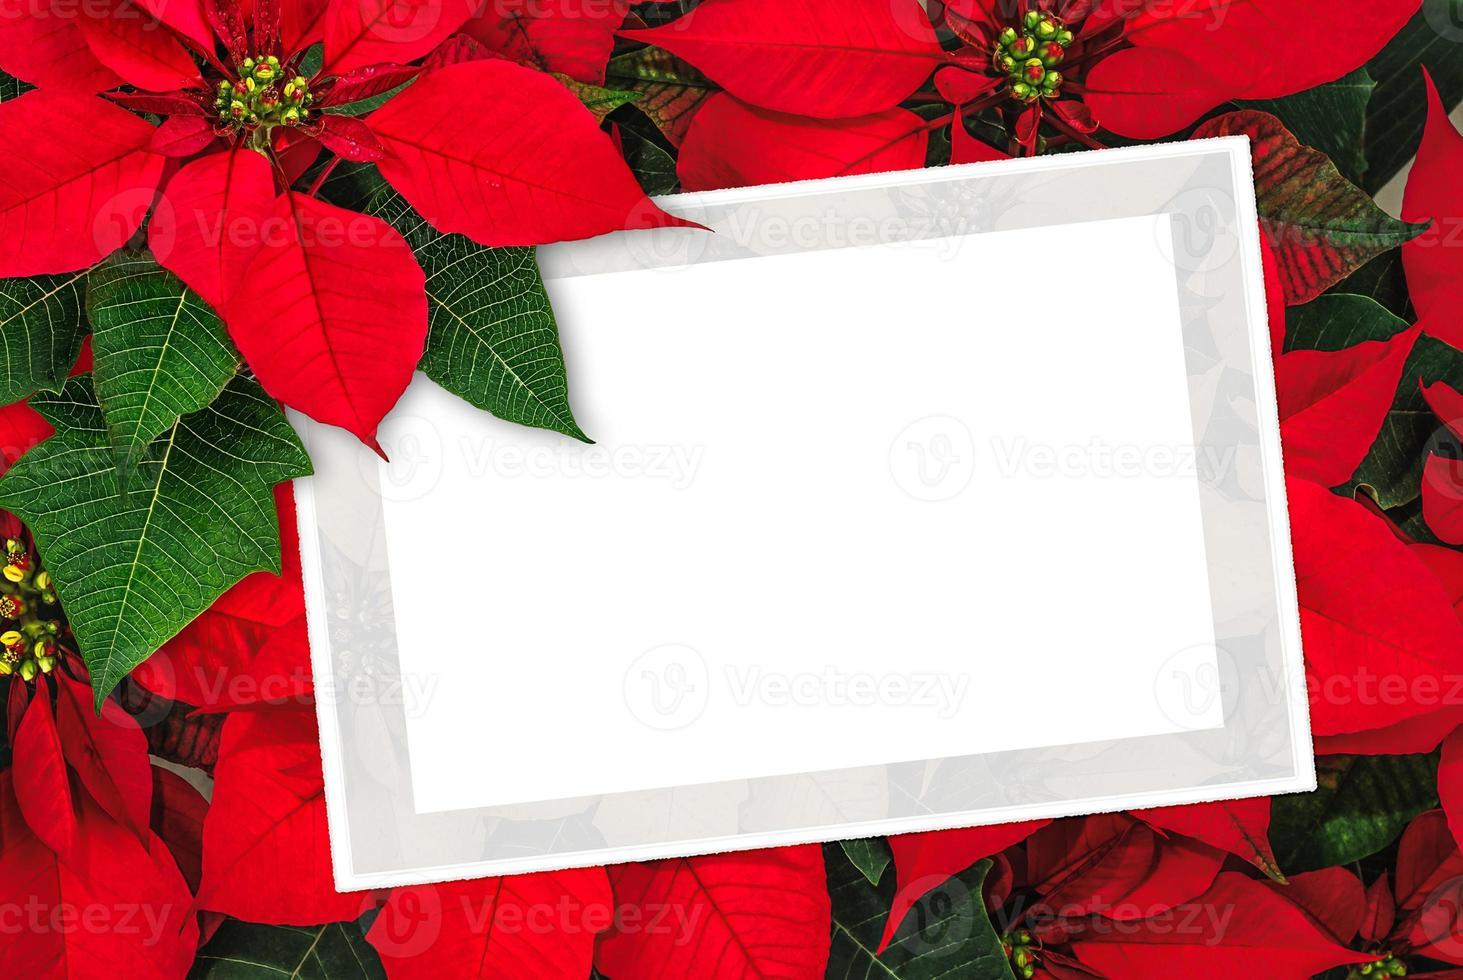 Carte de voeux de Noël décoration de poinsettia avec espace copie photo